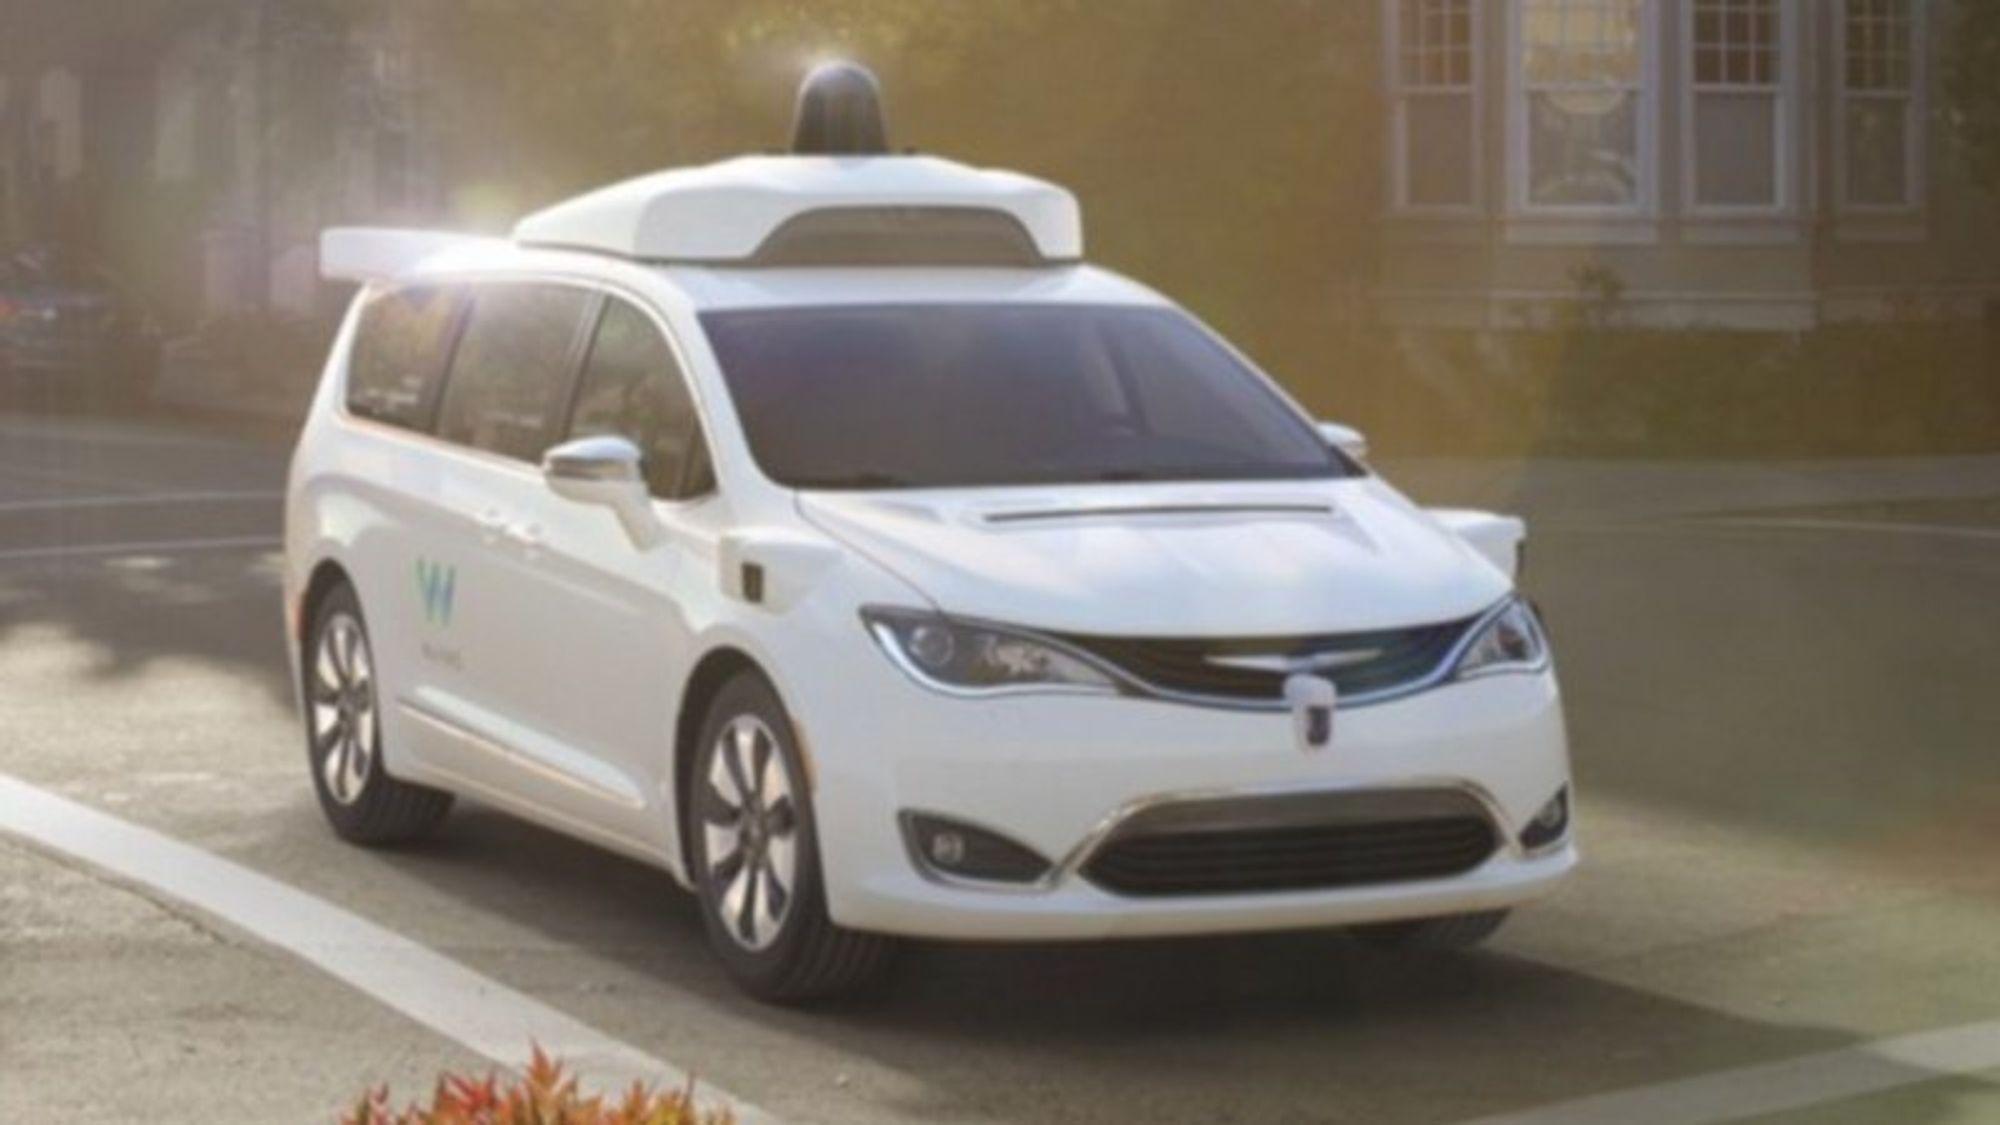 Googles satsing på selvkjørende biler, Waymo, tar Uber til retten, fordi de mener at de har stjålet lidar-teknologi fra dem.